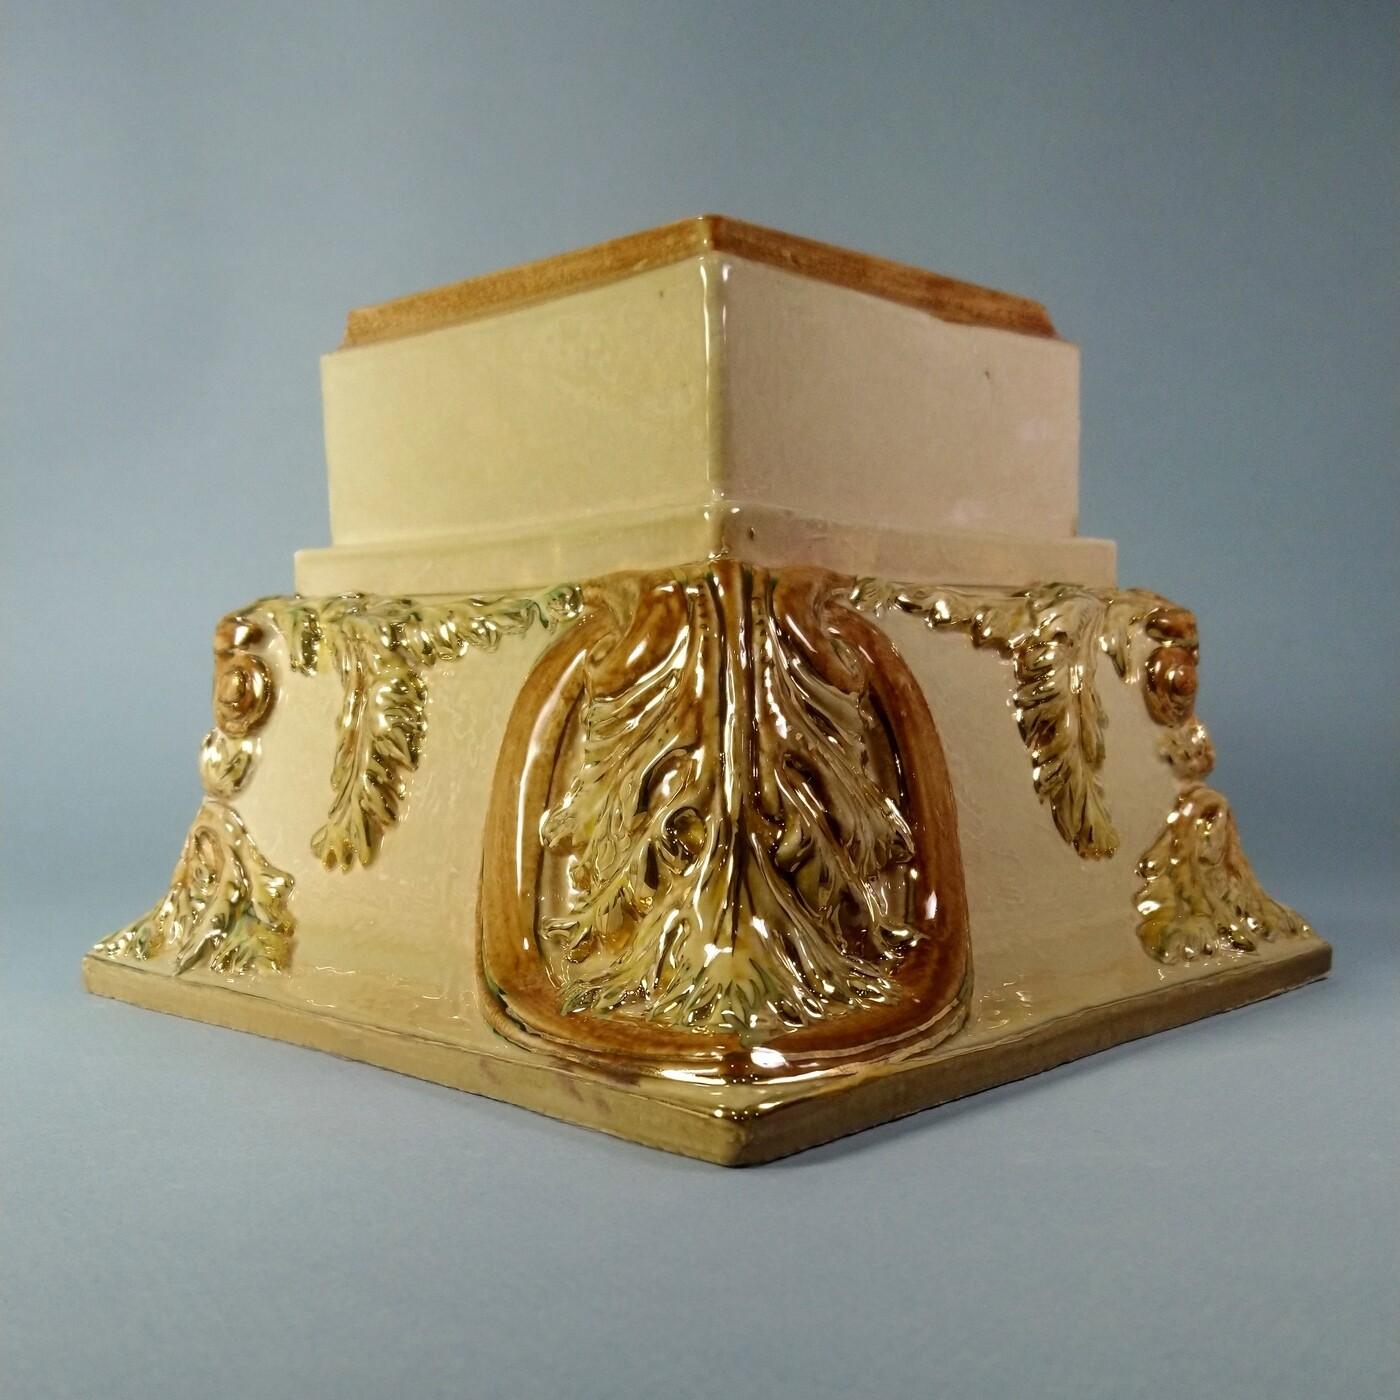 Угол Карниза большого (Кузнецовская коллекция), рельефный, с золотом. Размер 195х150х65х65 мм